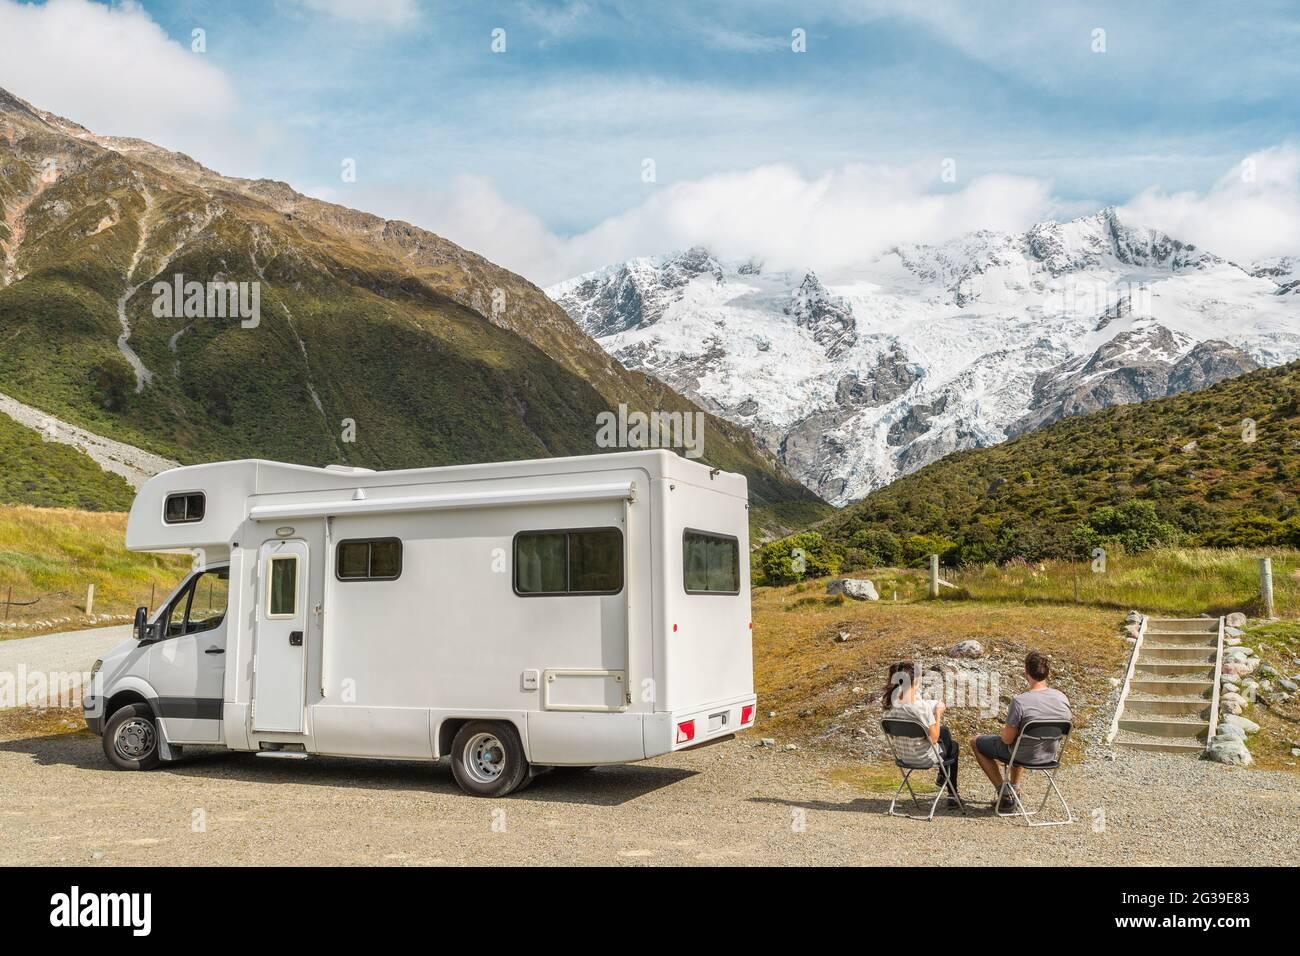 Camping camping-car van, voyage en voiture de camping-car en Nouvelle-Zélande. Couple sur voyage aventure de vacances. Touristes regardant la vue sur le parc national Aoraki Mount Cook et Banque D'Images